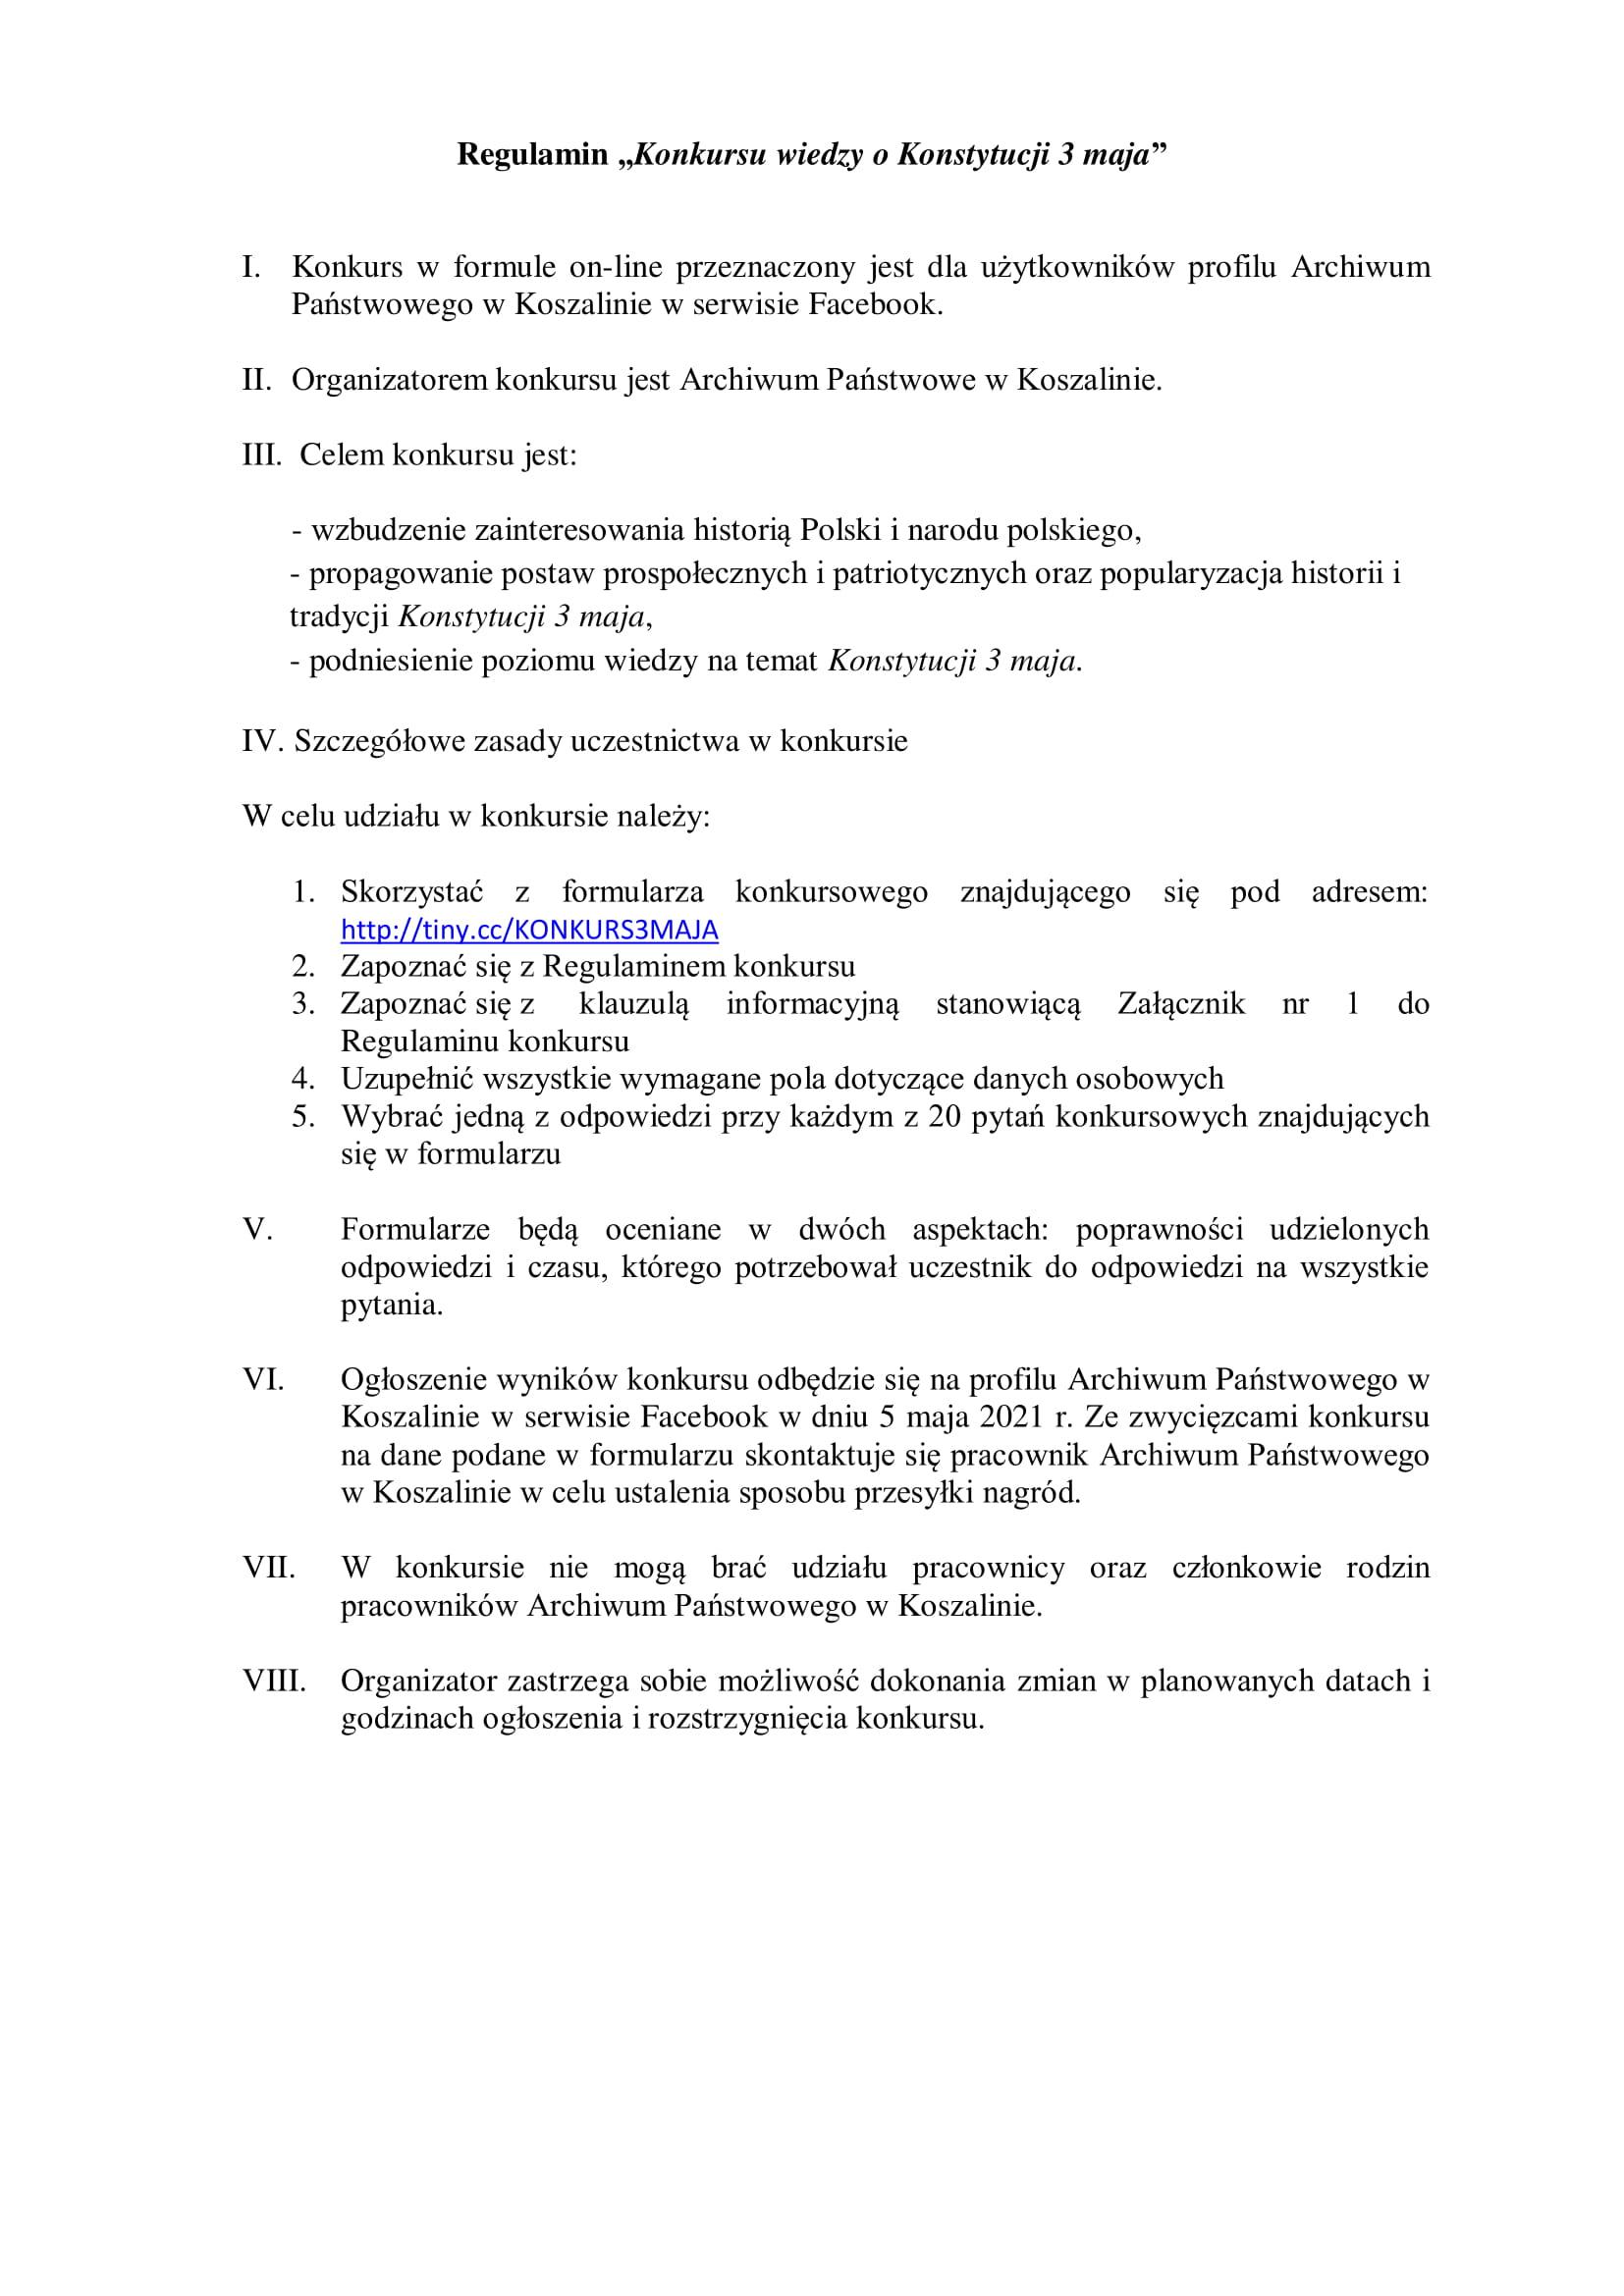 Regulamin-Konkursu-wiedzy-o-Konstytucji-3-maja-1-1